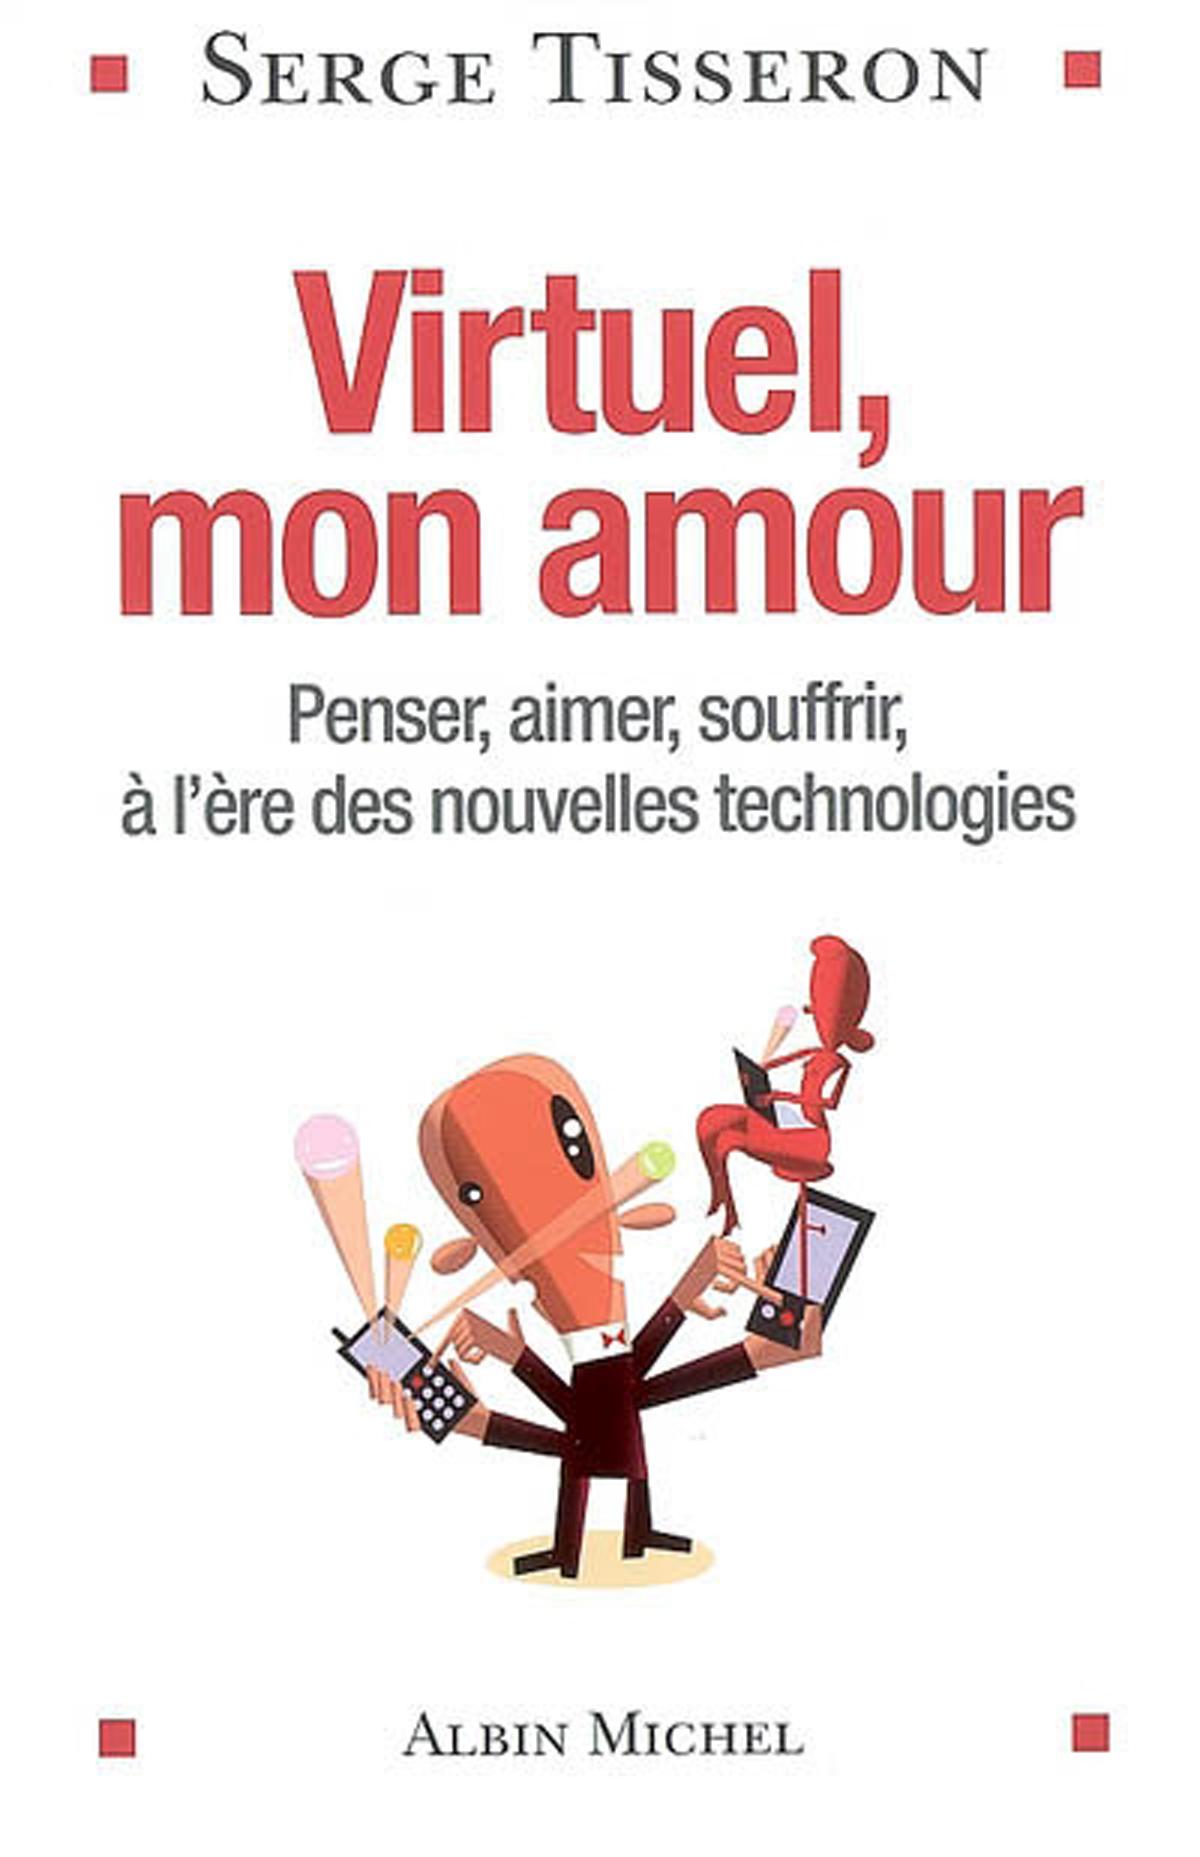 Virtuel, mon amour. Penser, aimer, souffrir, à l'ère des nouvelles technologies